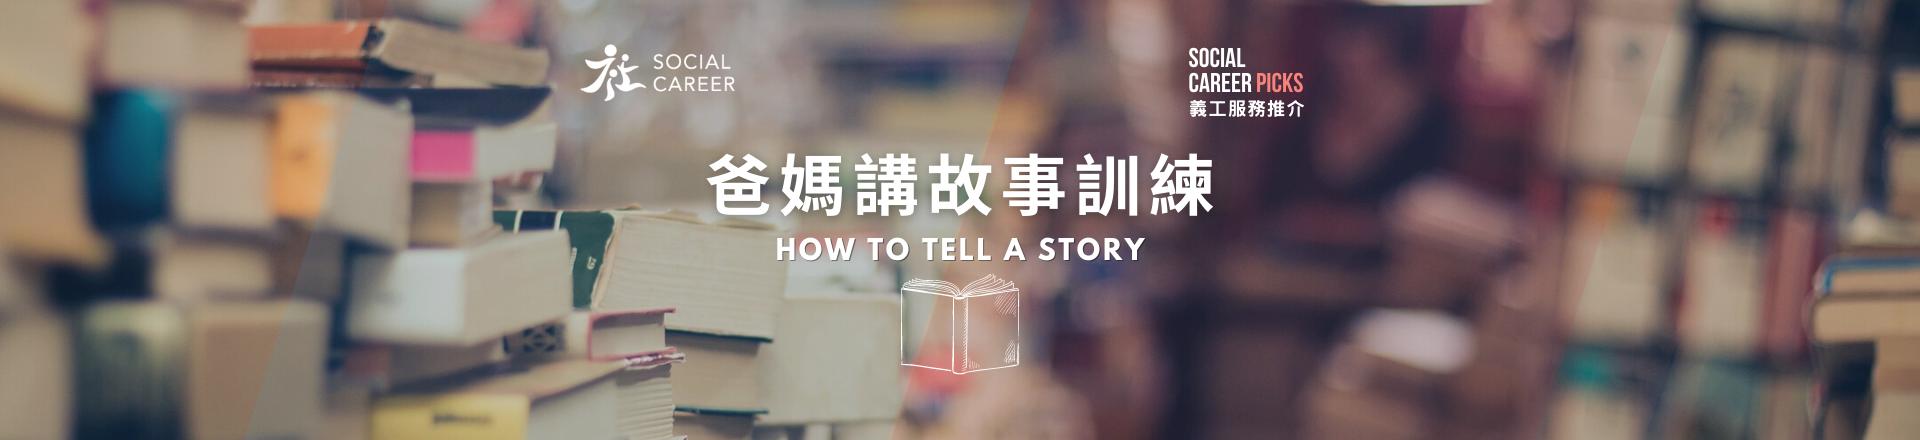 爸媽講故事技巧訓練|How to tell a story x 安徒生會